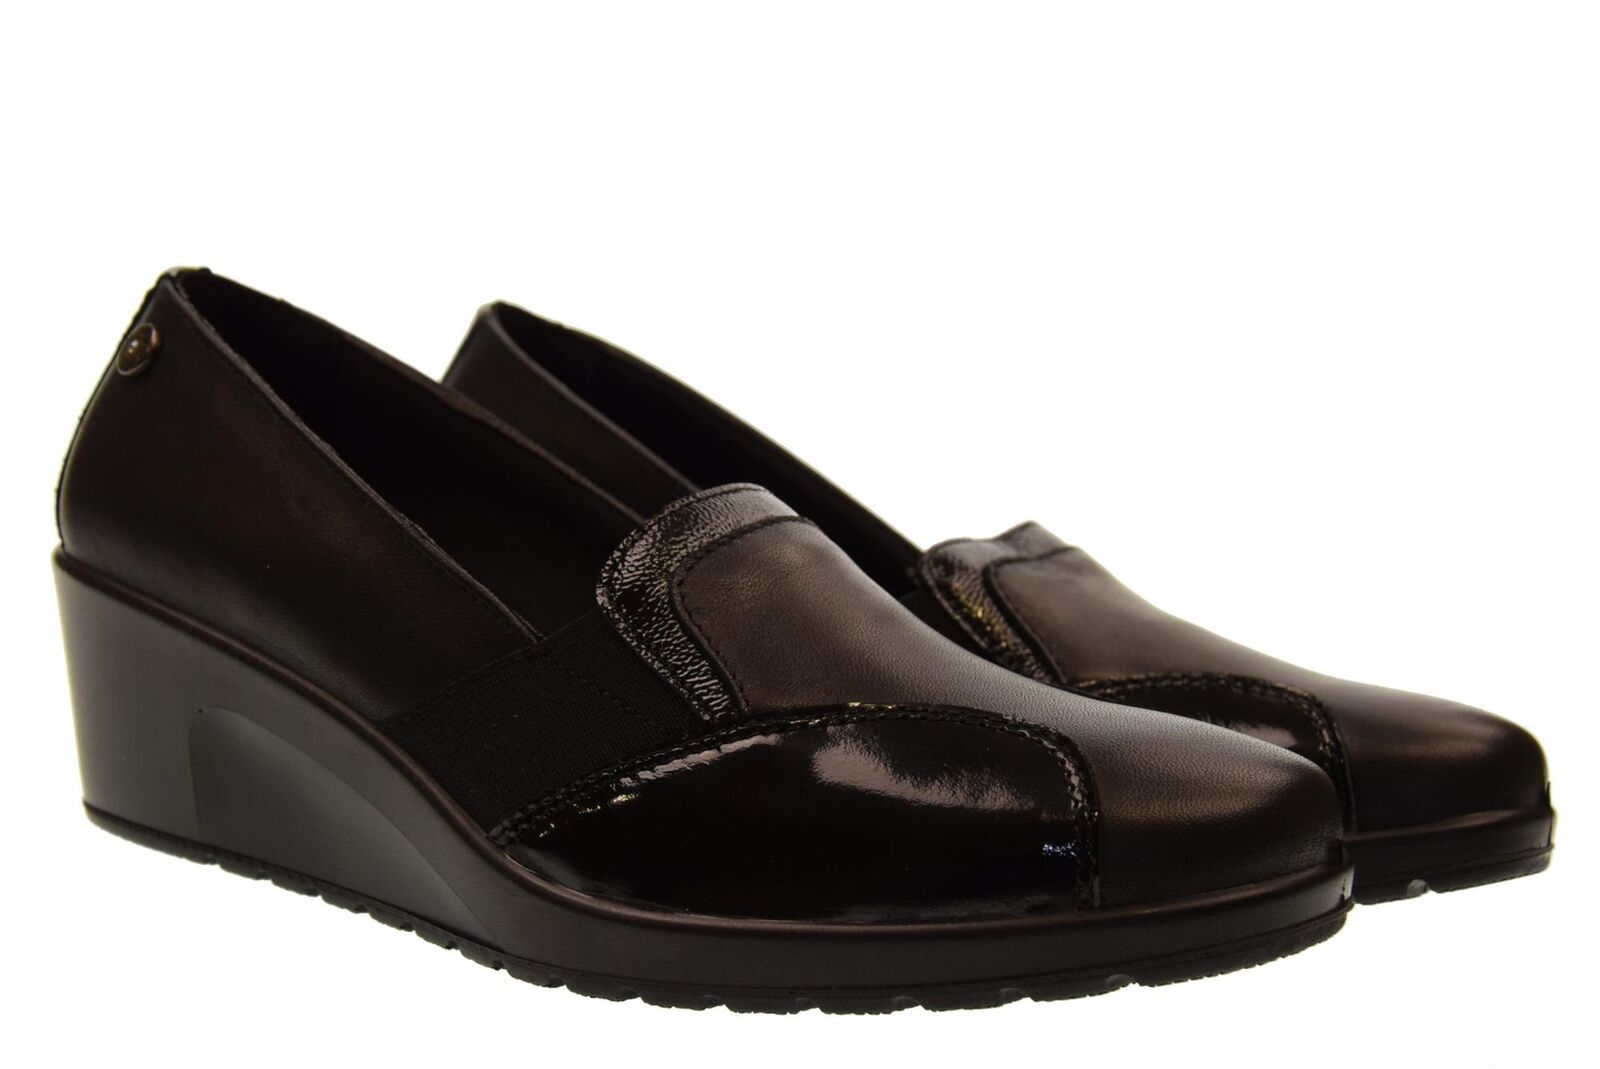 Enval Soft scarpe donna mocassini con zeppa 2257900 A18